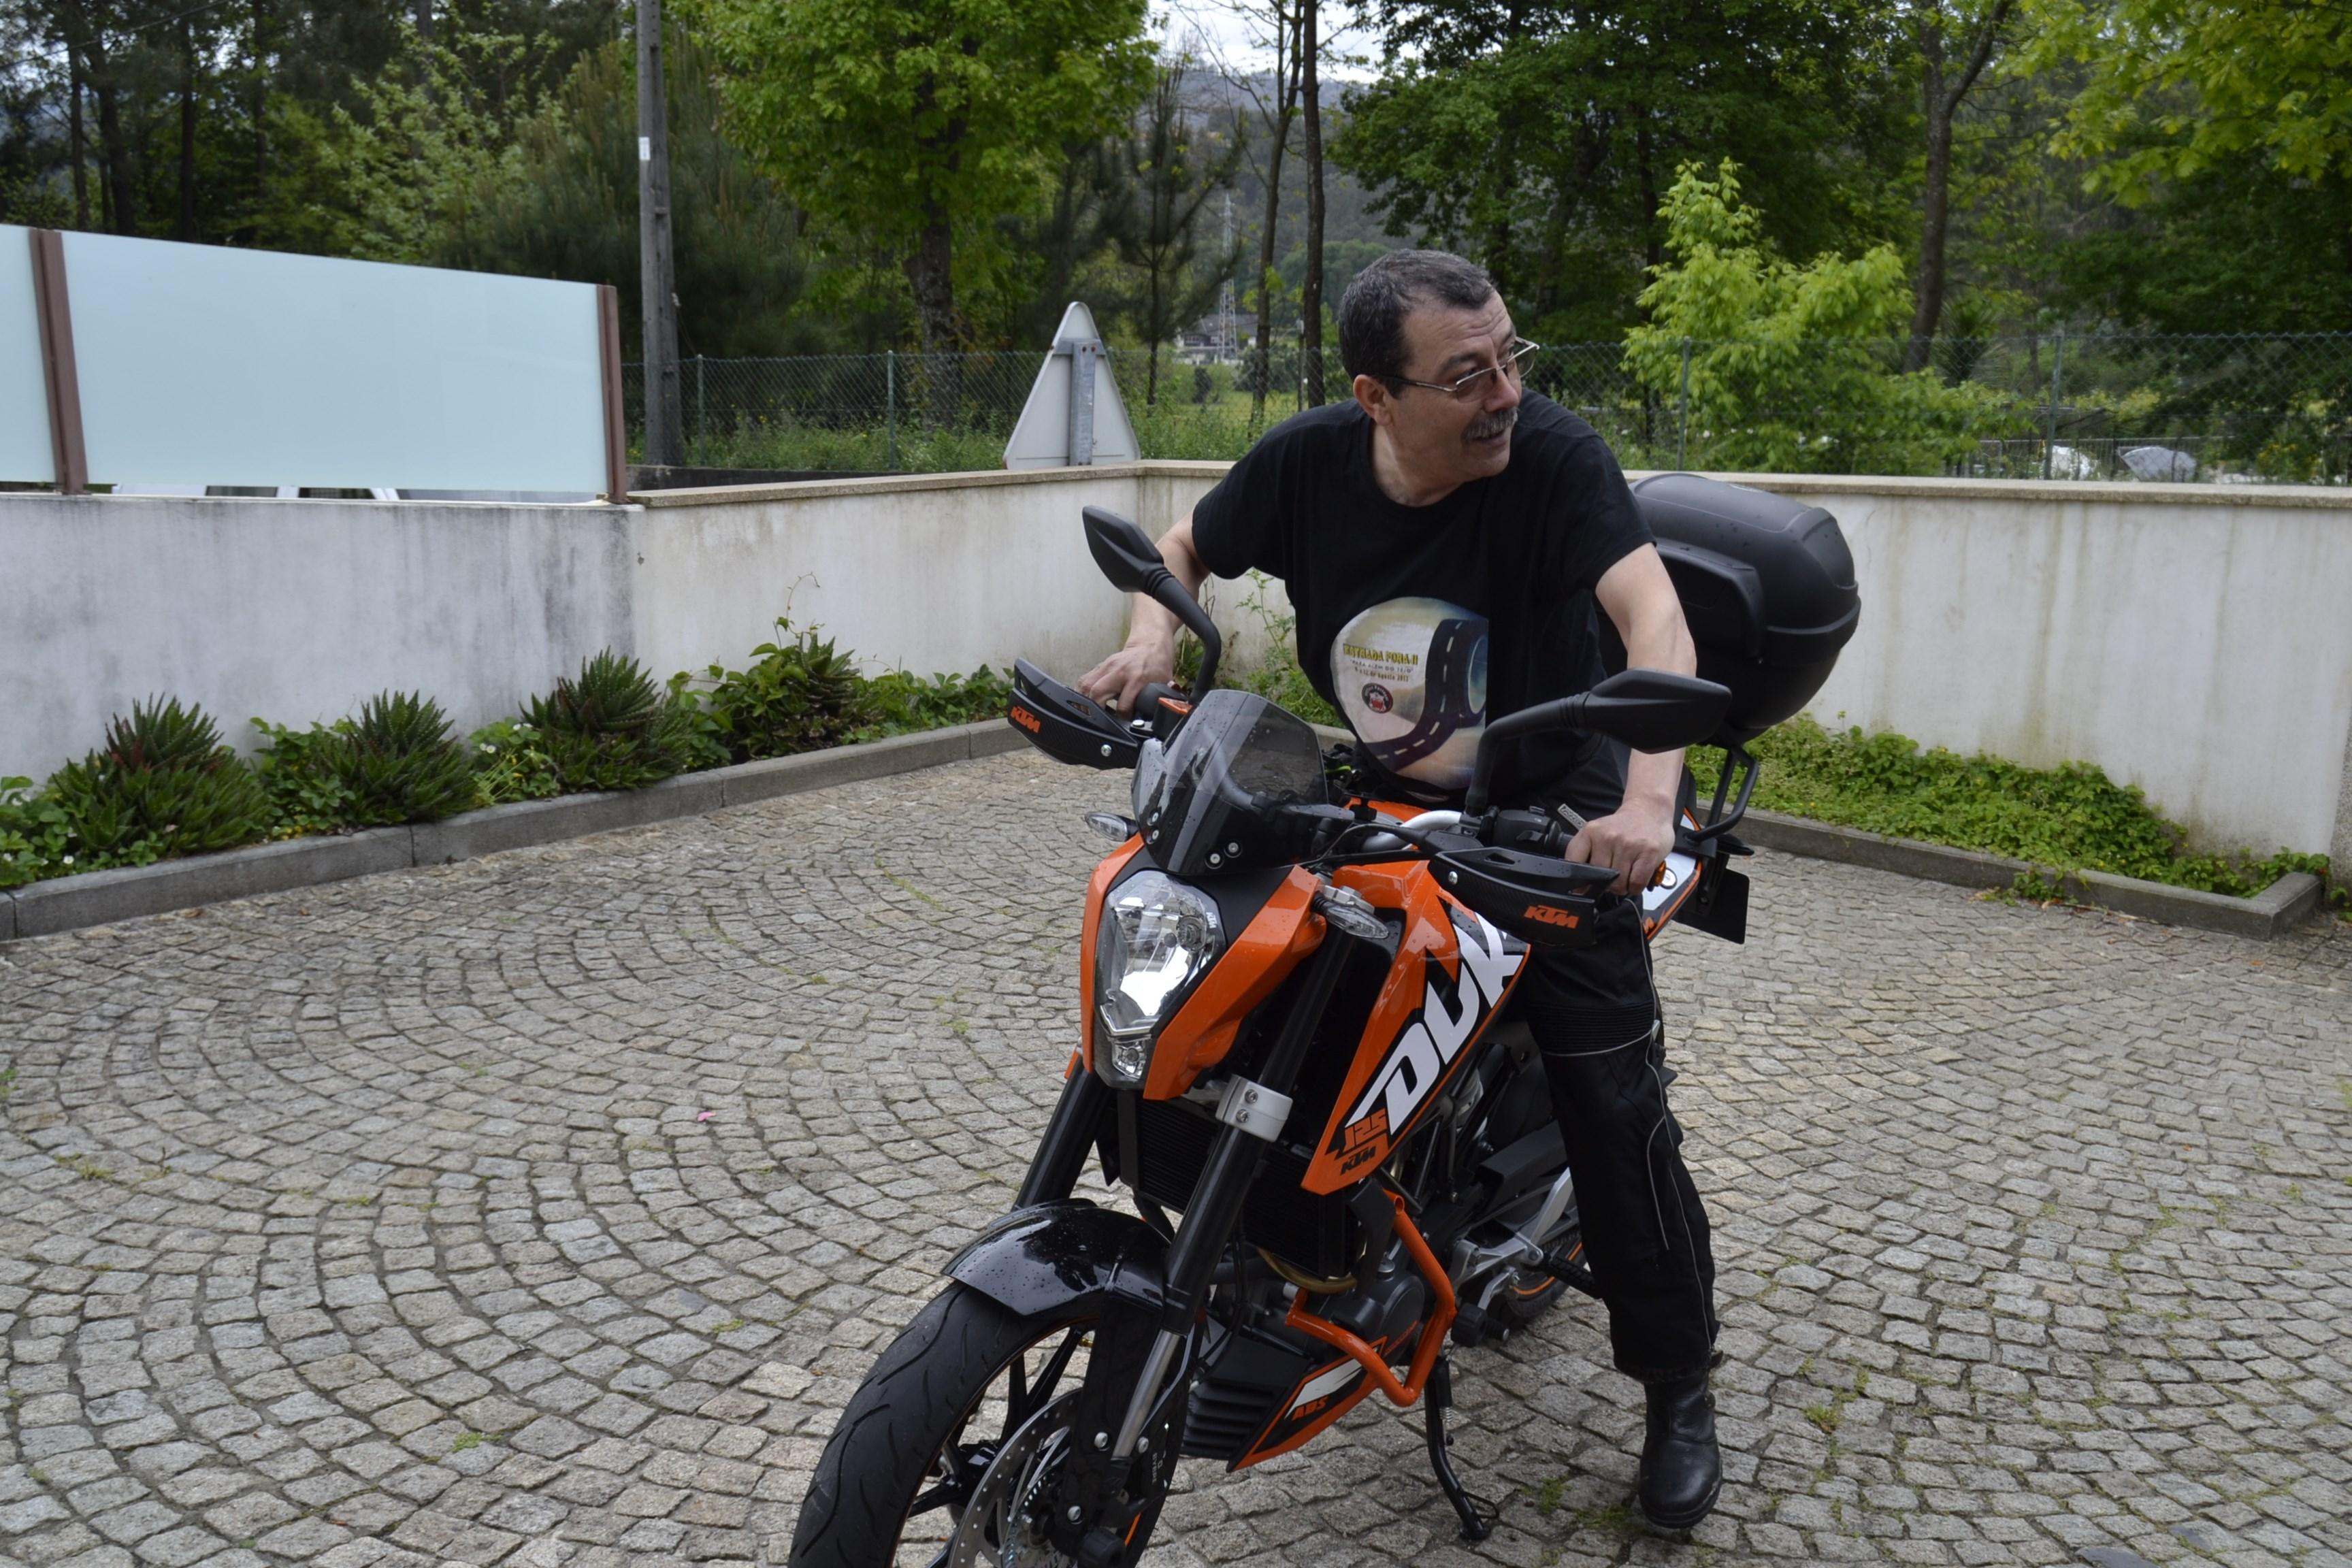 Dia do Motociclista - Viana do Castelo - 27.Abril.2014 - Página 6 14082522443_50bdaed6a6_o